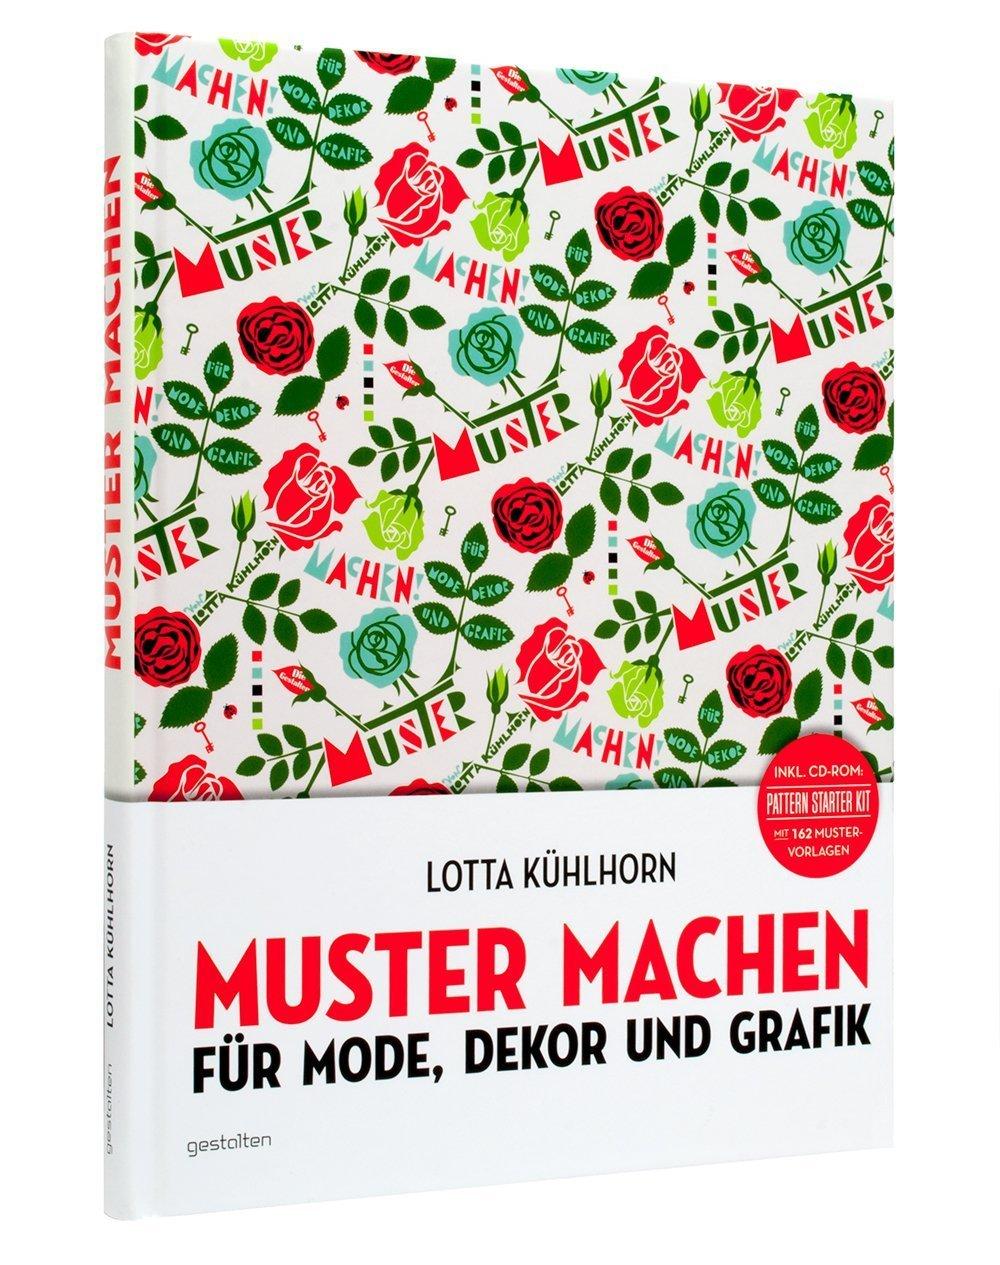 Muster machen: Für Mode, Dekor und Grafik von Lotta Kühlhorn (15. Januar 2014) Gebundene Ausgabe